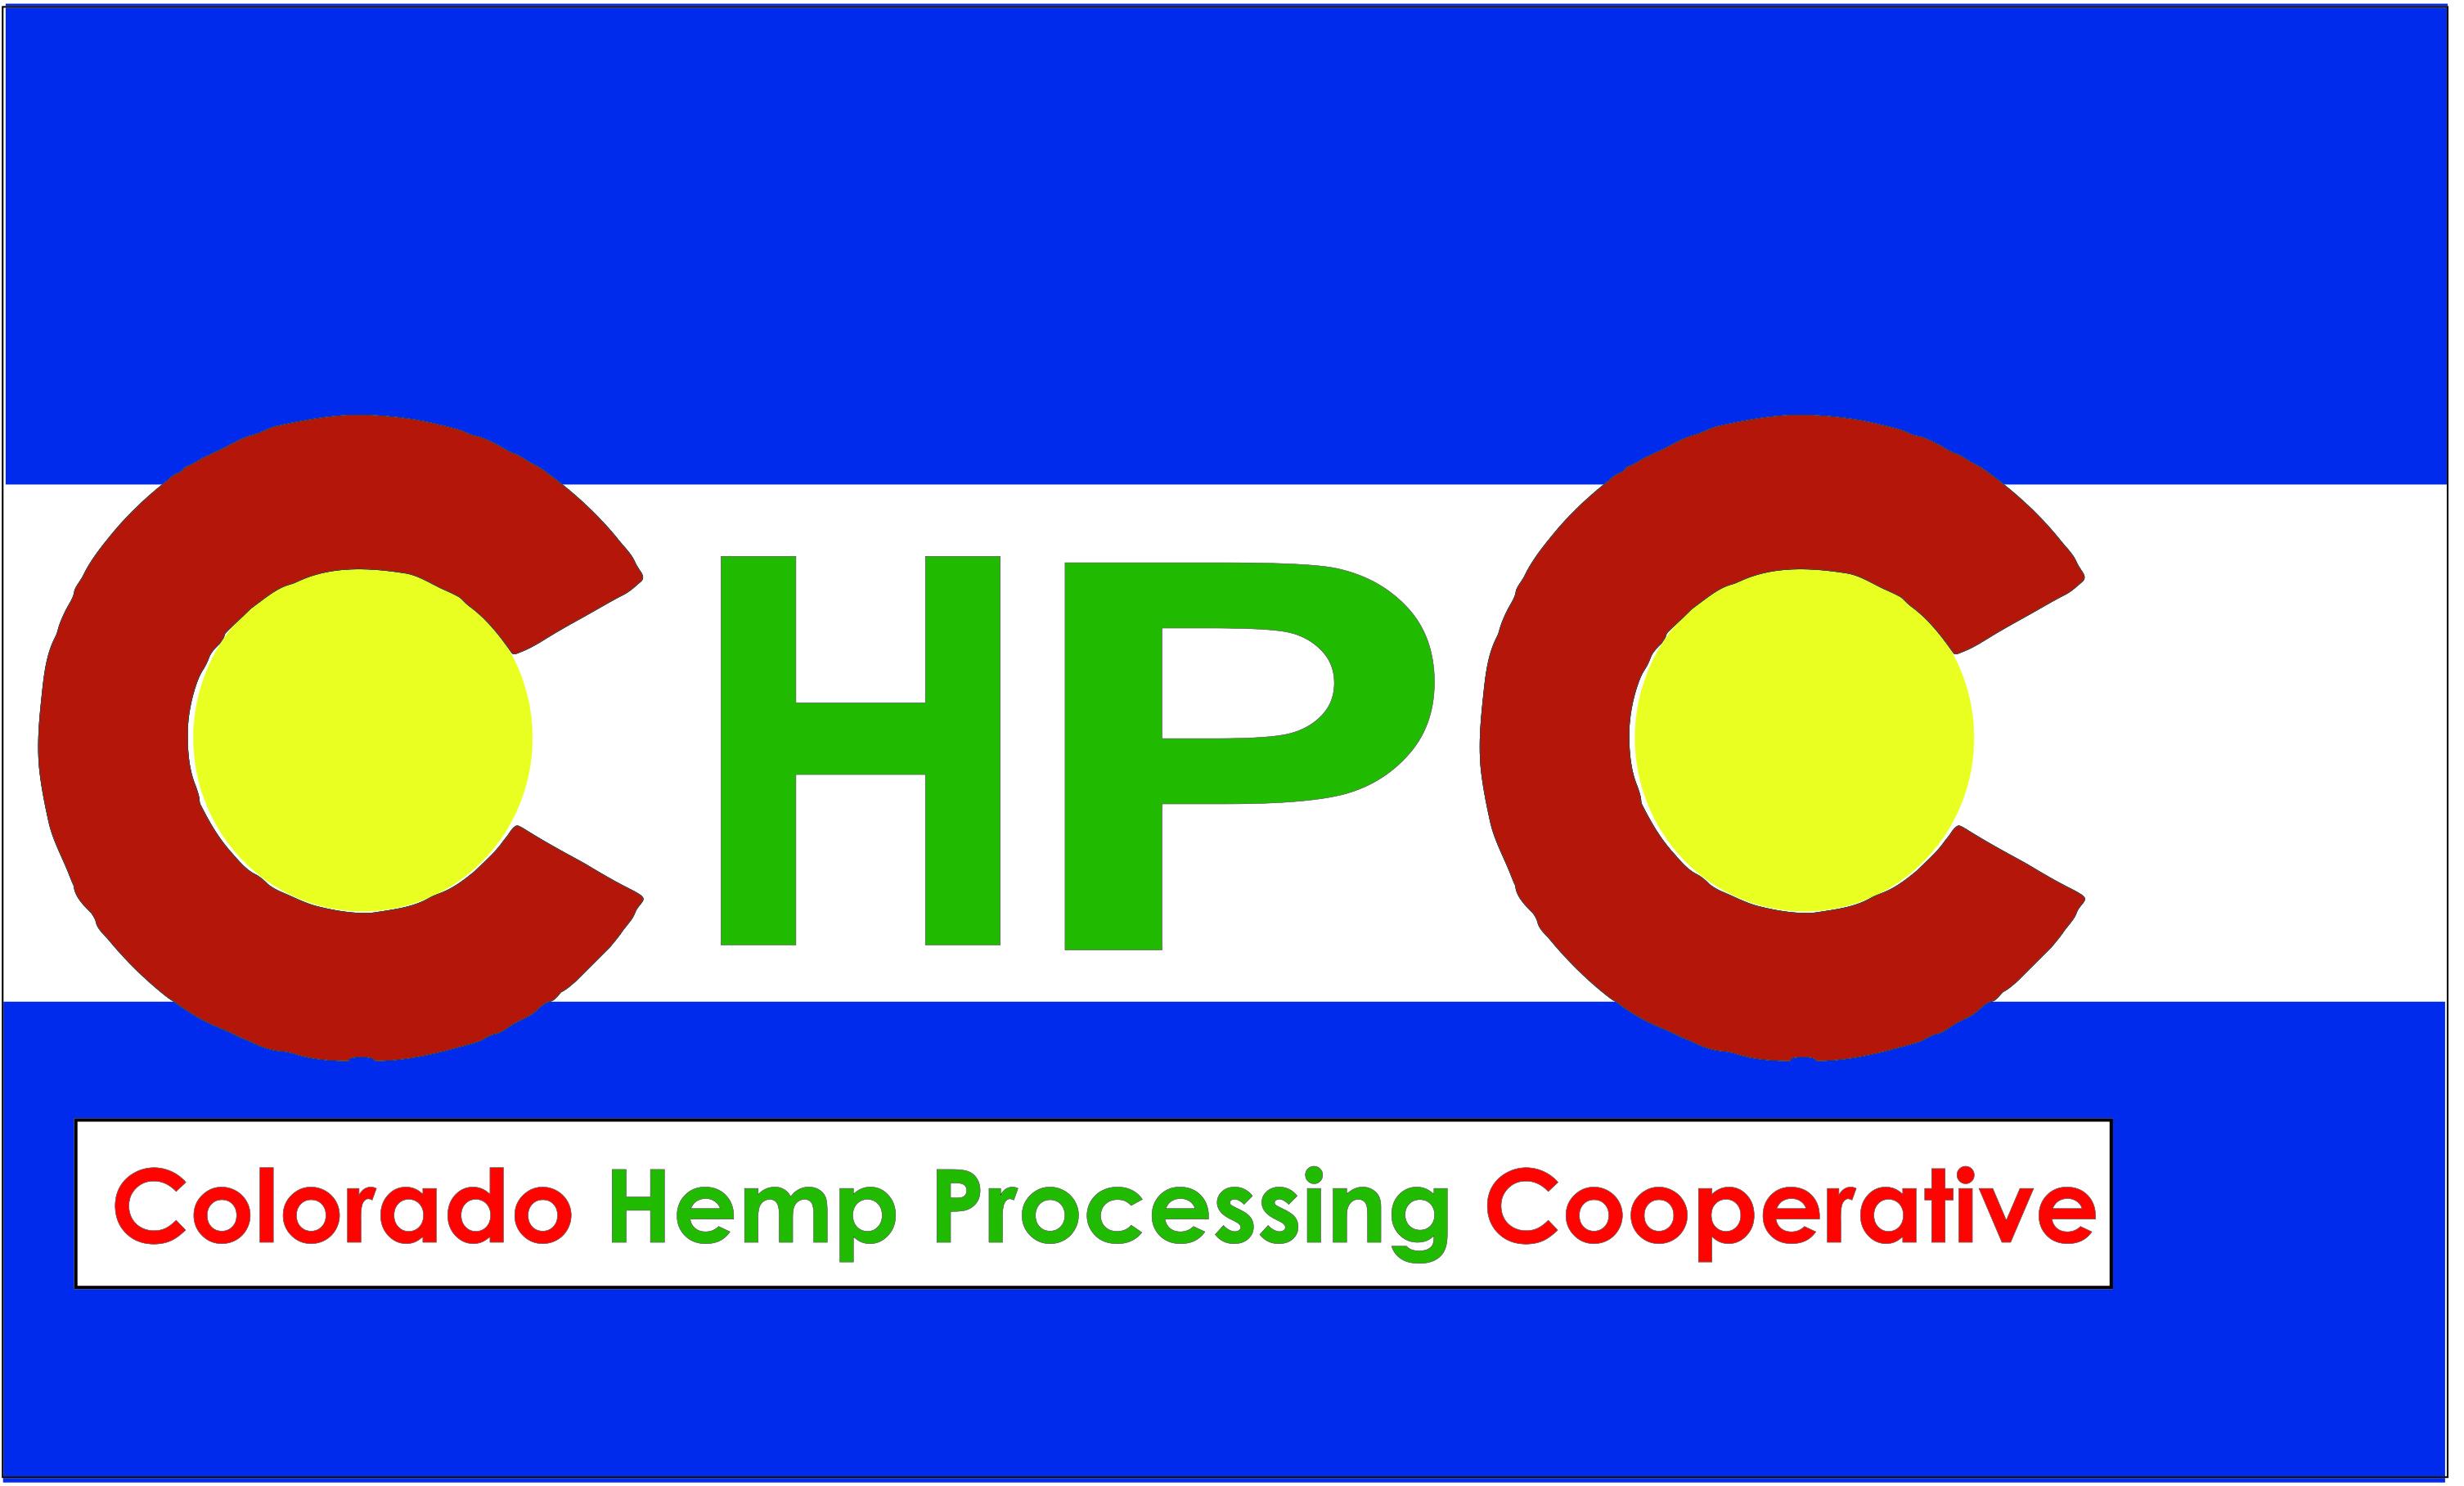 Colorado Hemp Processing Cooperative